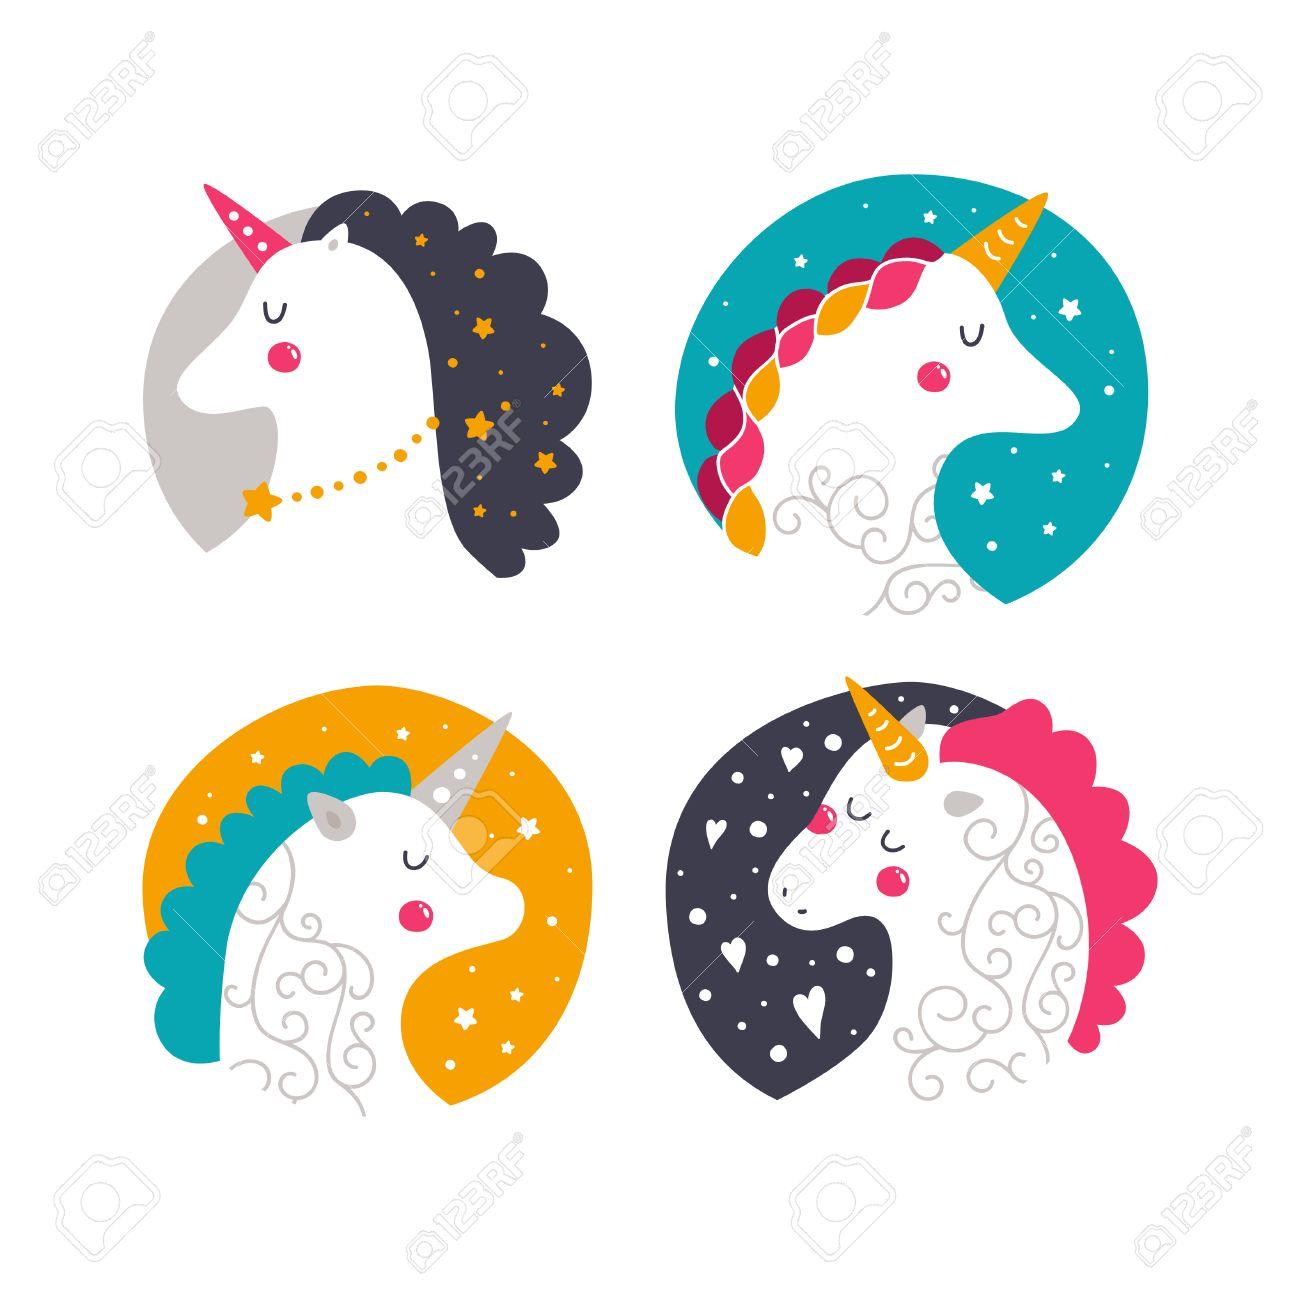 Vector Bebé Unicornio Ilustración Infantil Para Las Impresiones De Diseño Tarjetas E Invitaciones De Cumpleaños Los Niños Se Imprimen Con